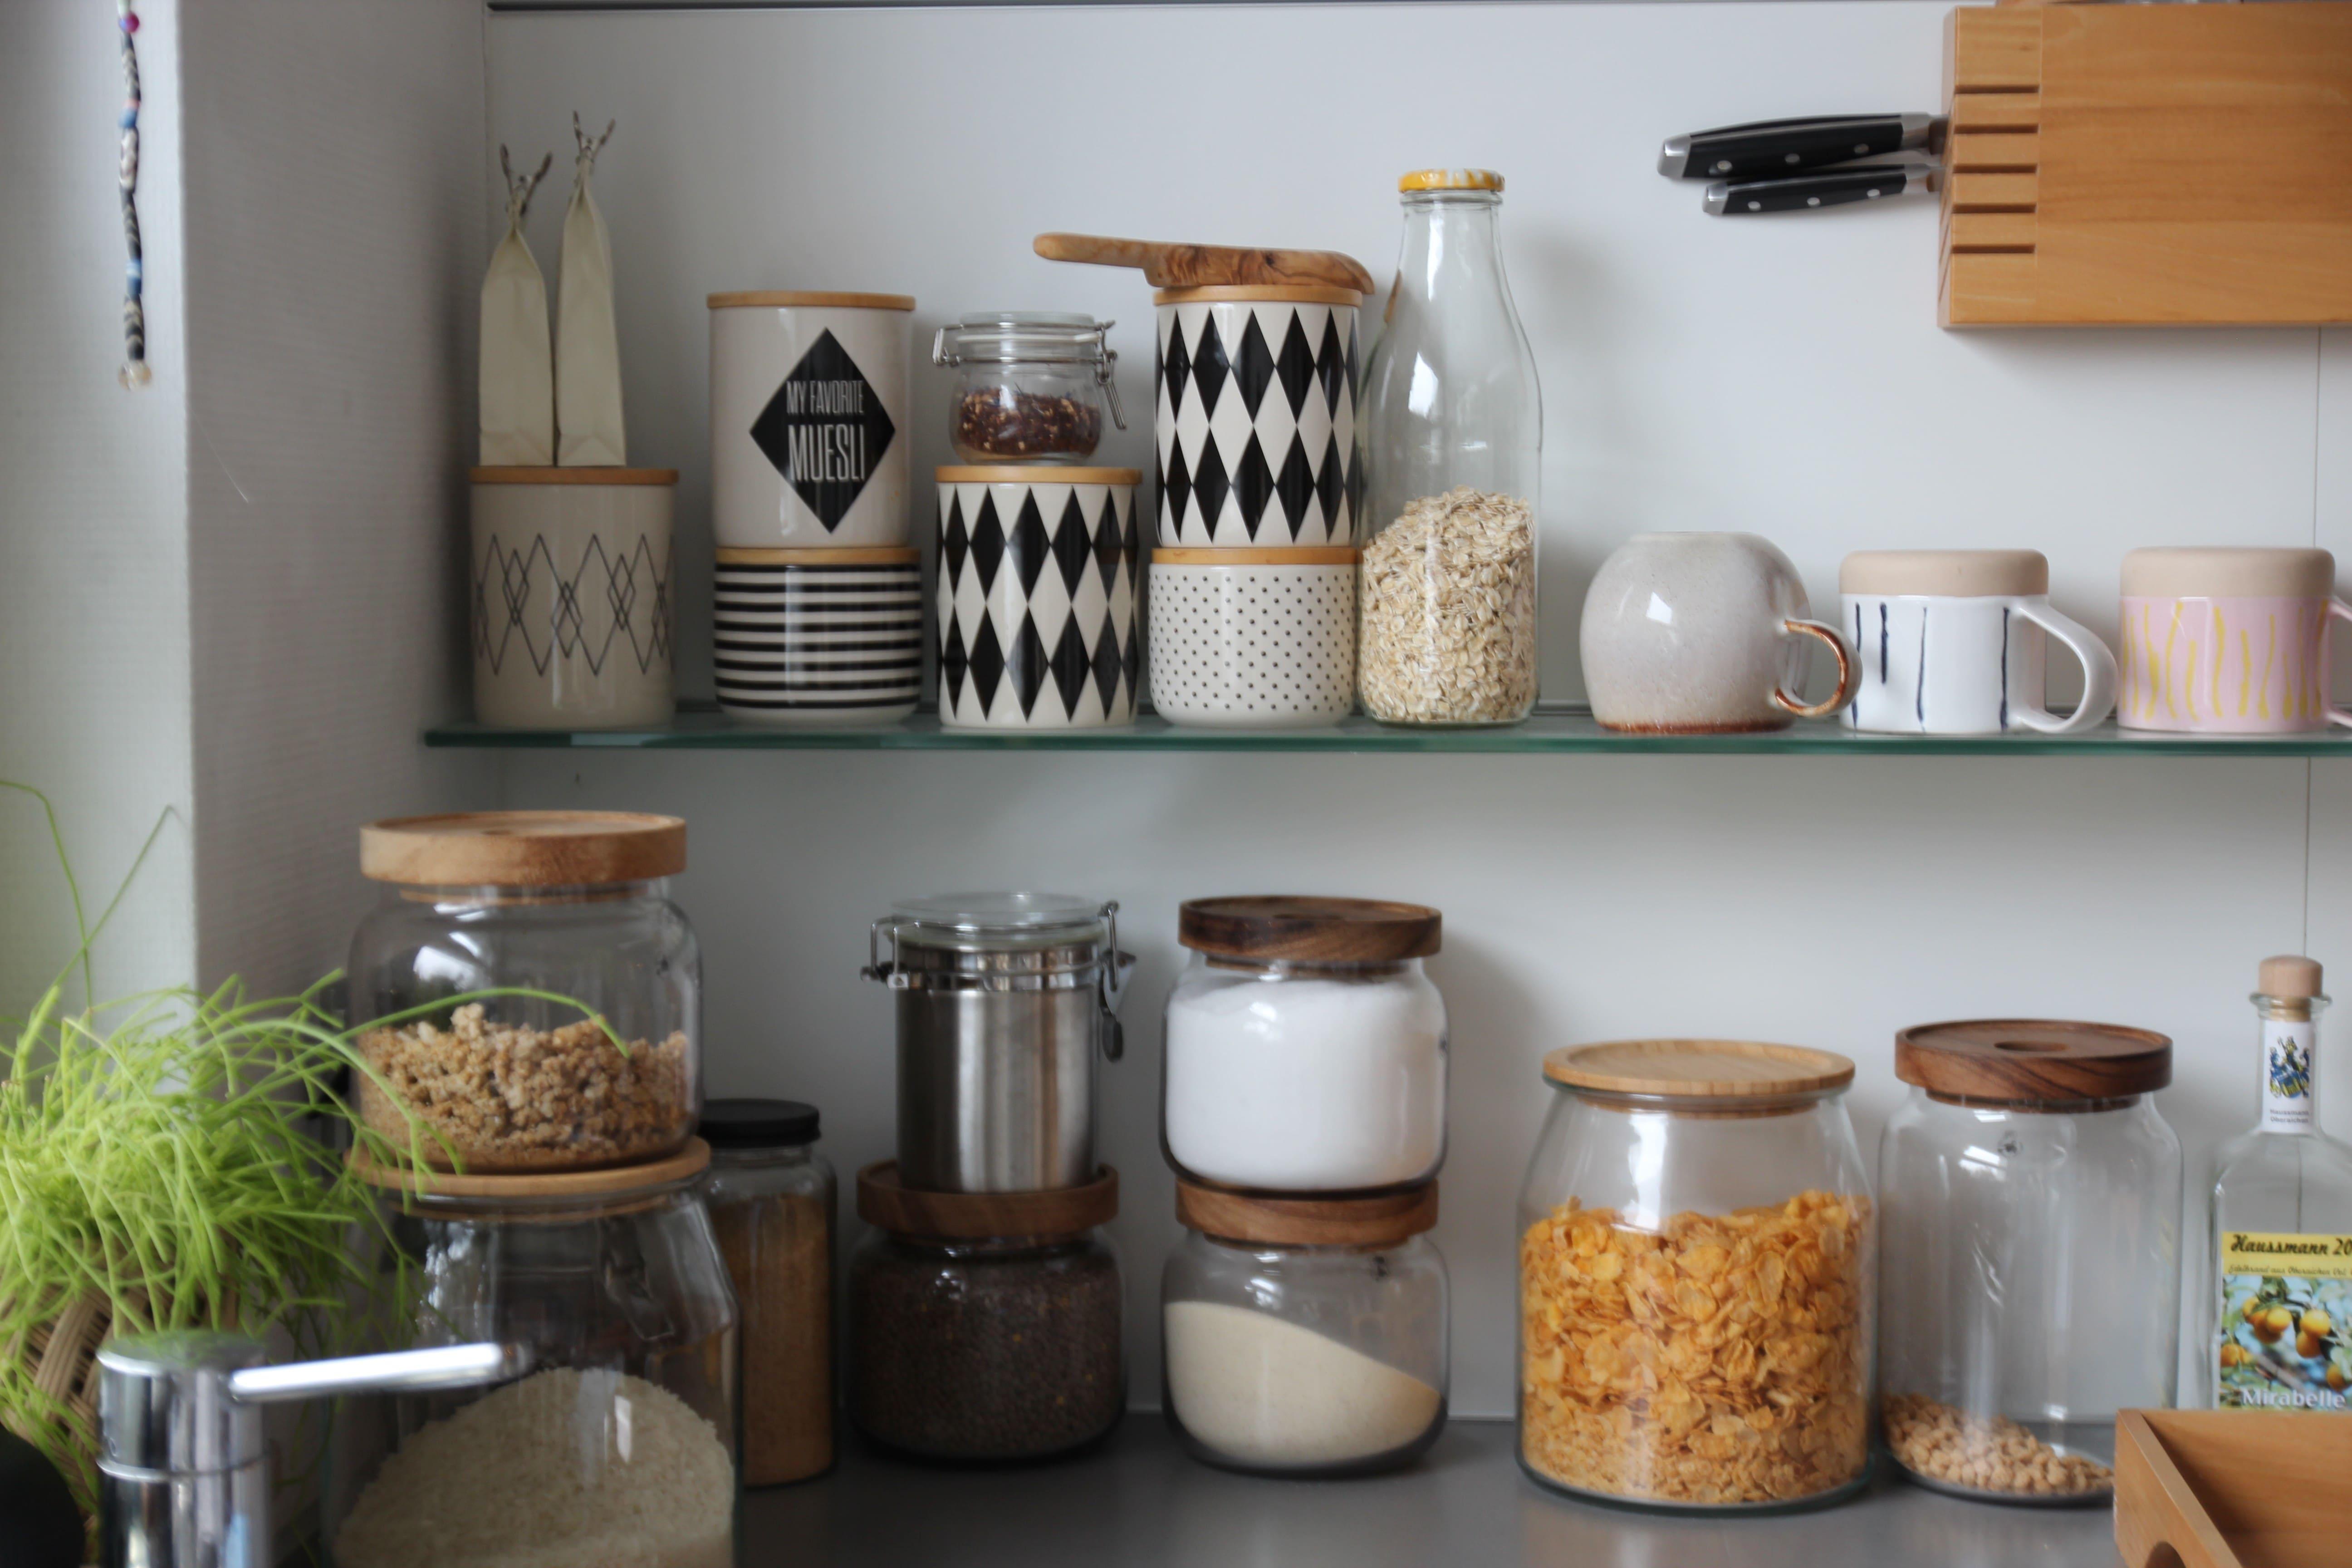 optimale Umverpackung in Glasbehälter - Zuhause bei Stefanie - Dekoideen und zeitlose Accessoires zeigt sie bei desmondo.de